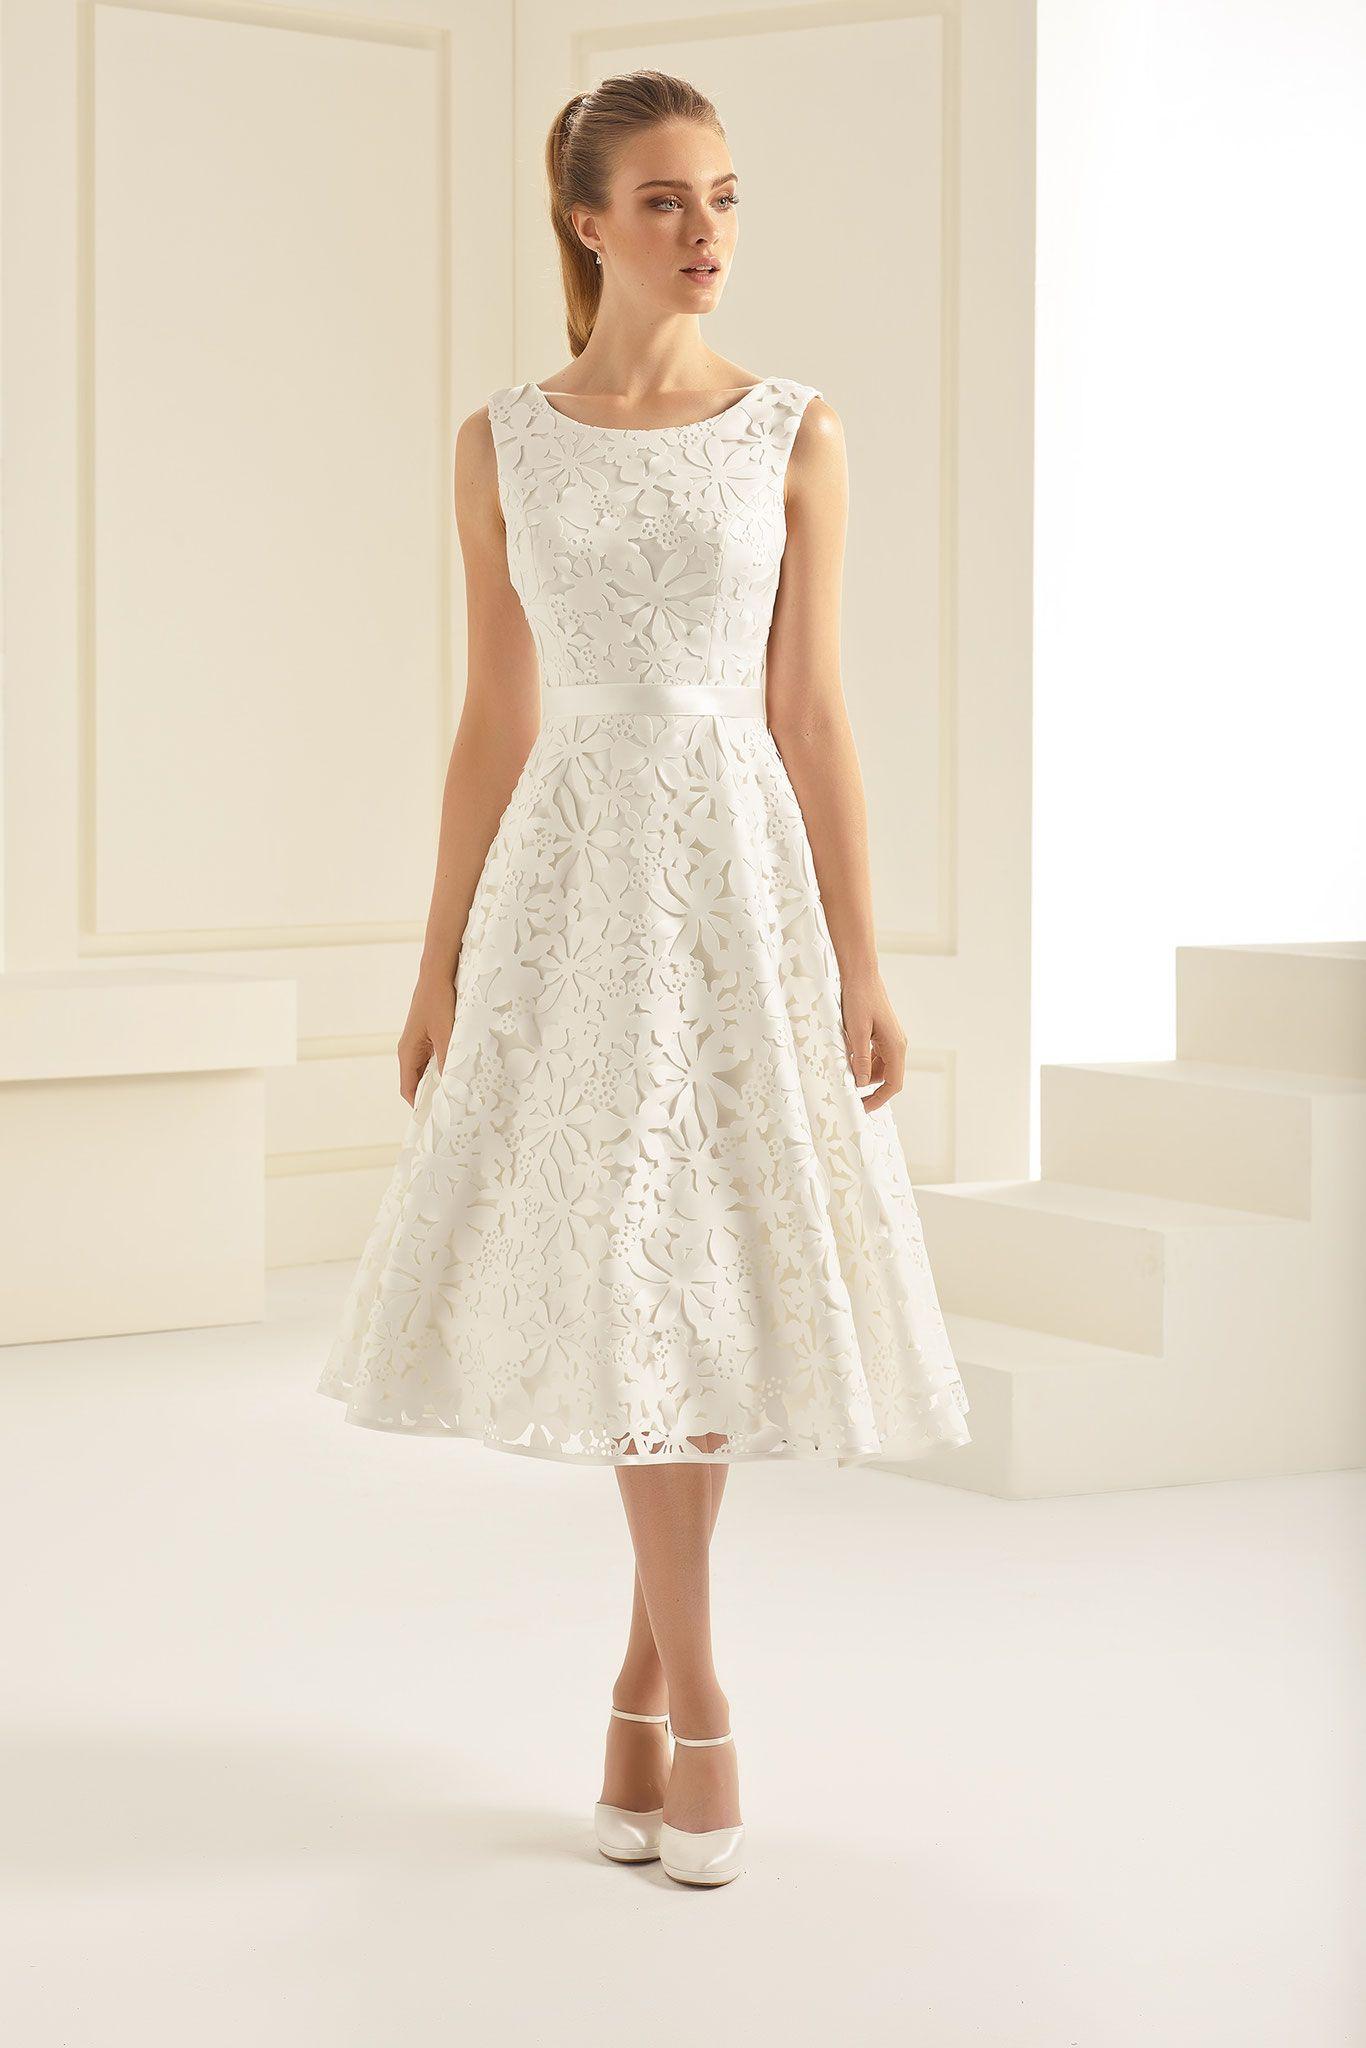 Vintage Brautkleid aus hochwertiger Spitze. Feiner Satingürtel